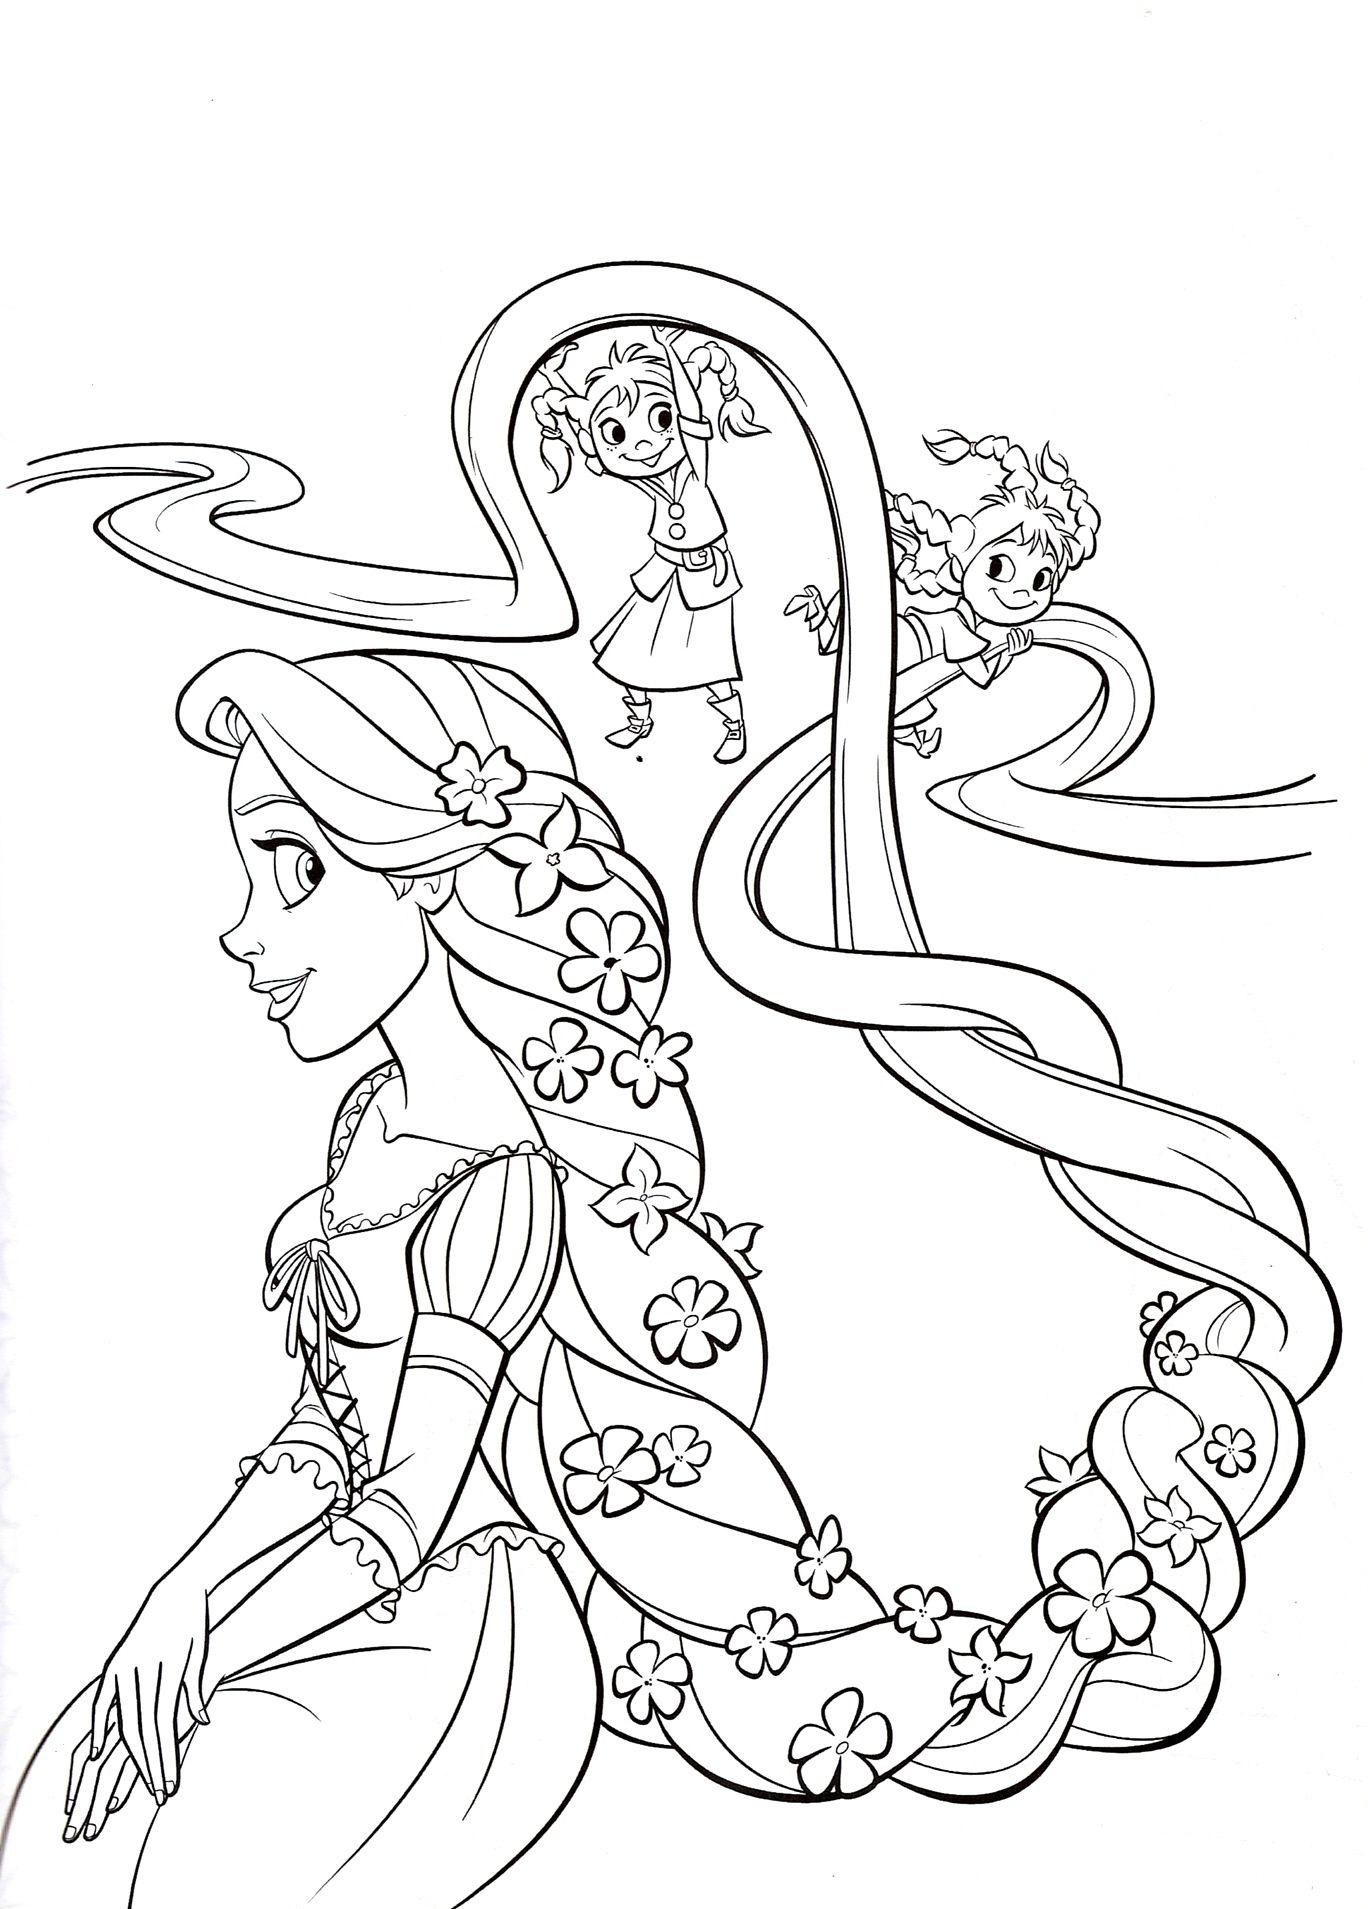 dibujos de las princesas para colorear e imprimir Archivos